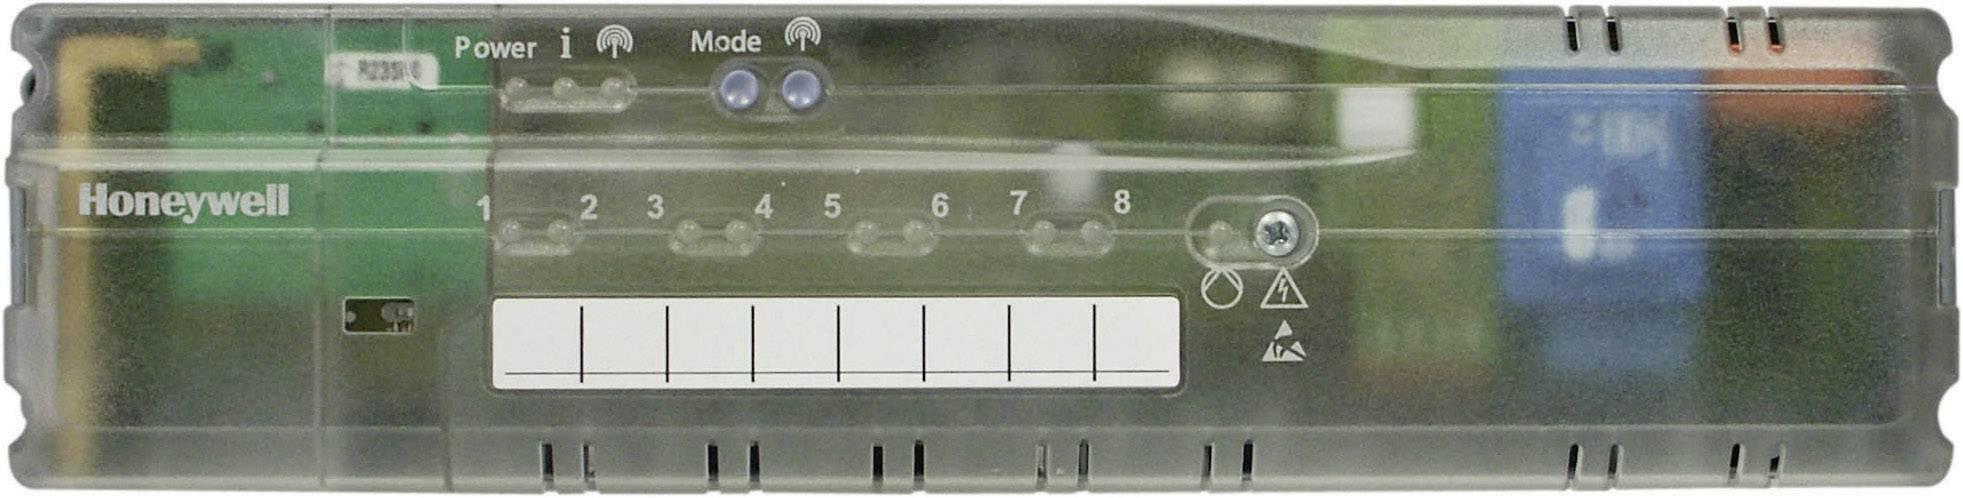 Regulátor podlahového vytápění, Honeywell evohome, HCE80